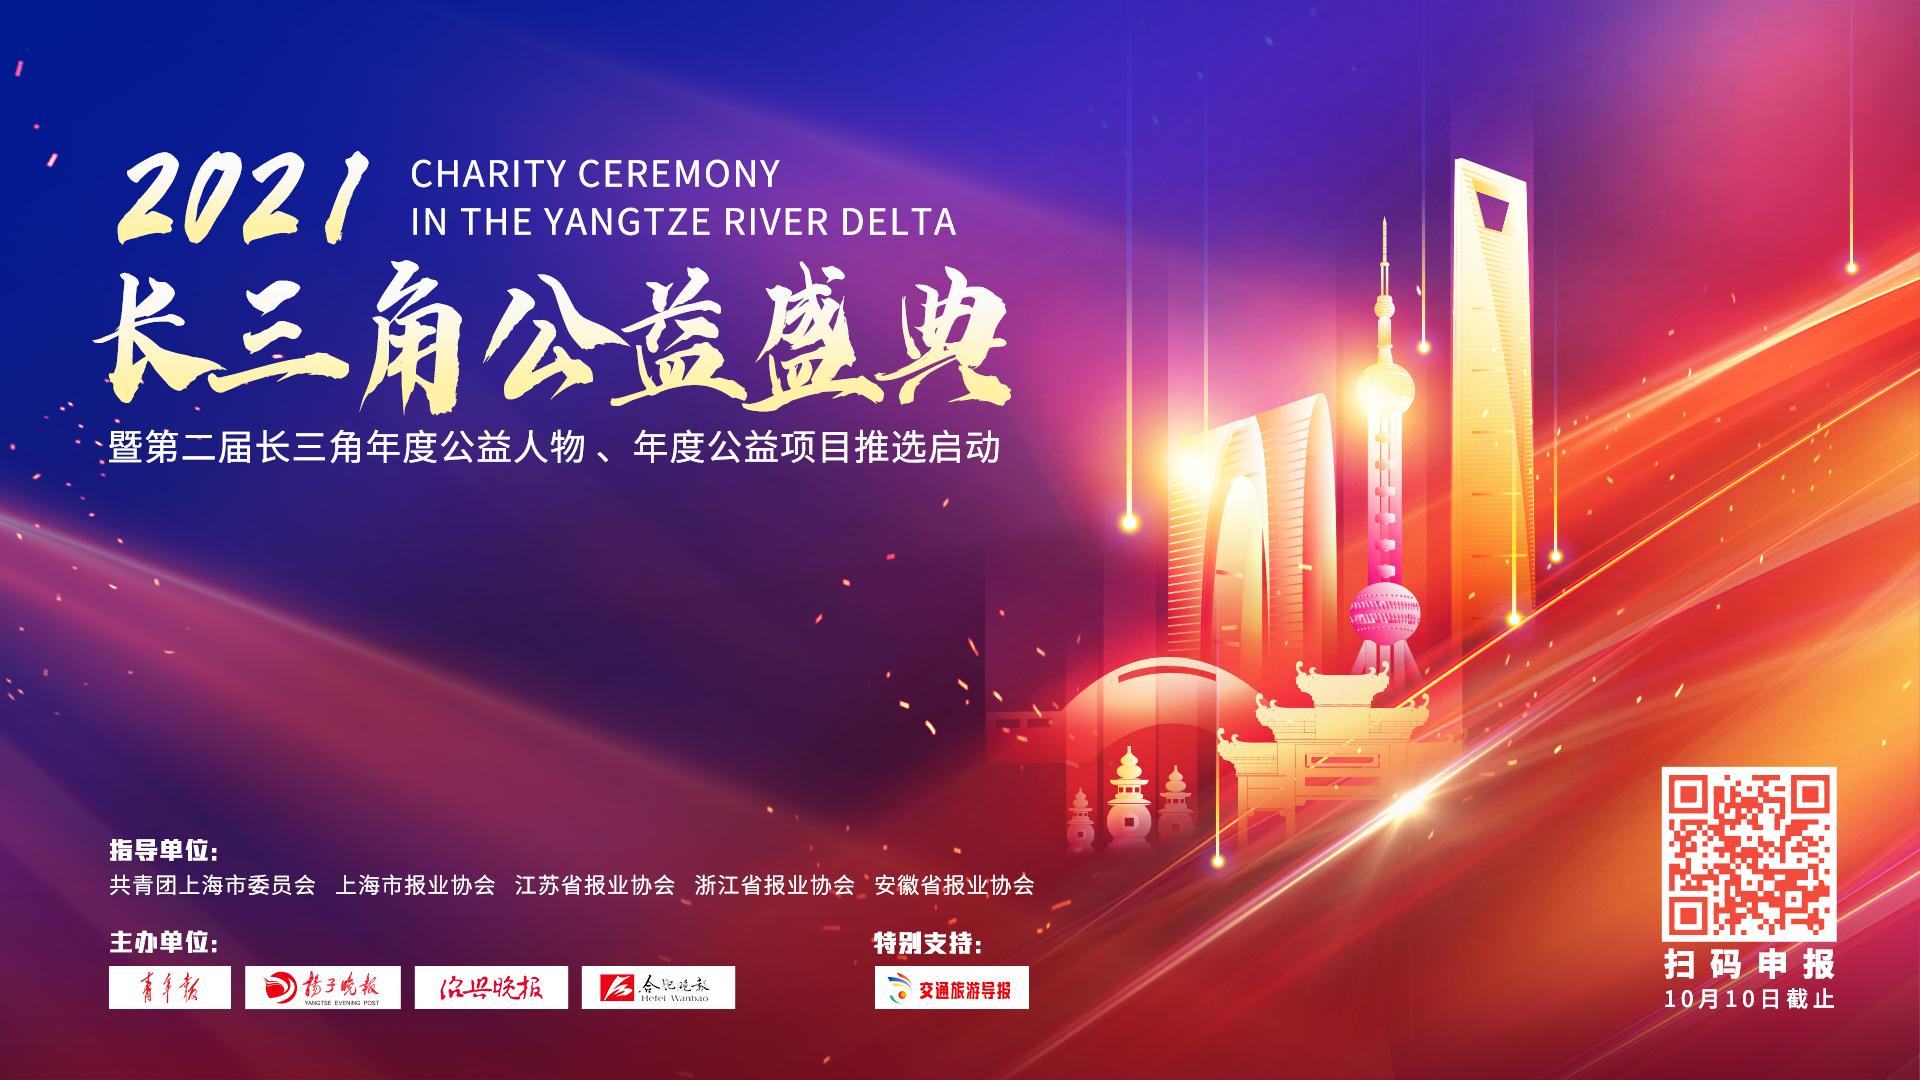 扬子晚报联合主办 2021长三角公益盛典活动启动